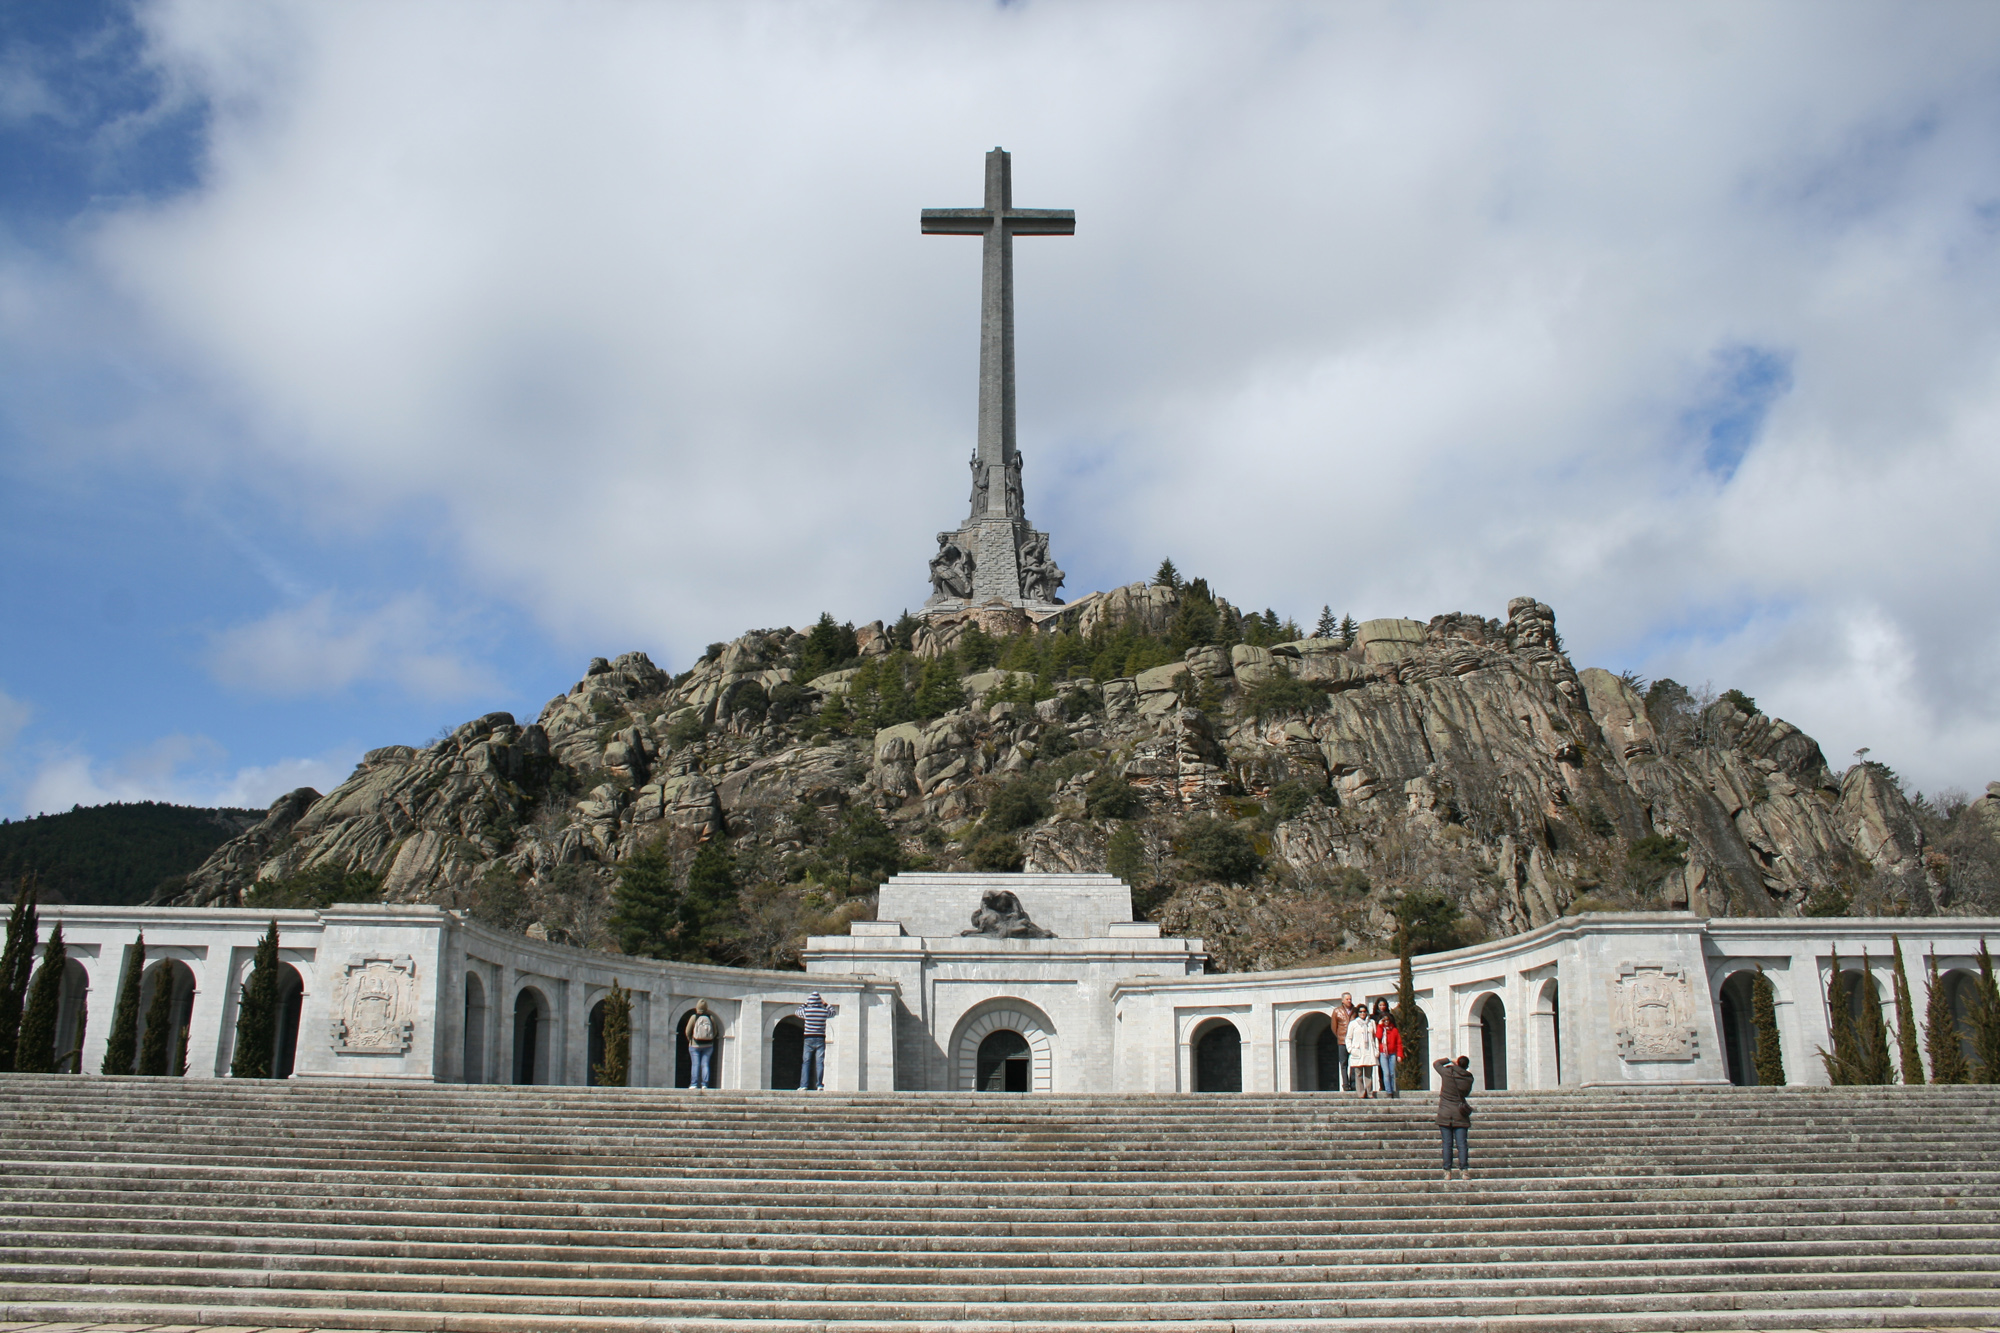 Una vista de la gigantesca cruz y el monumento desde el pie de la escalinata de acceso al Valle de los Caídos